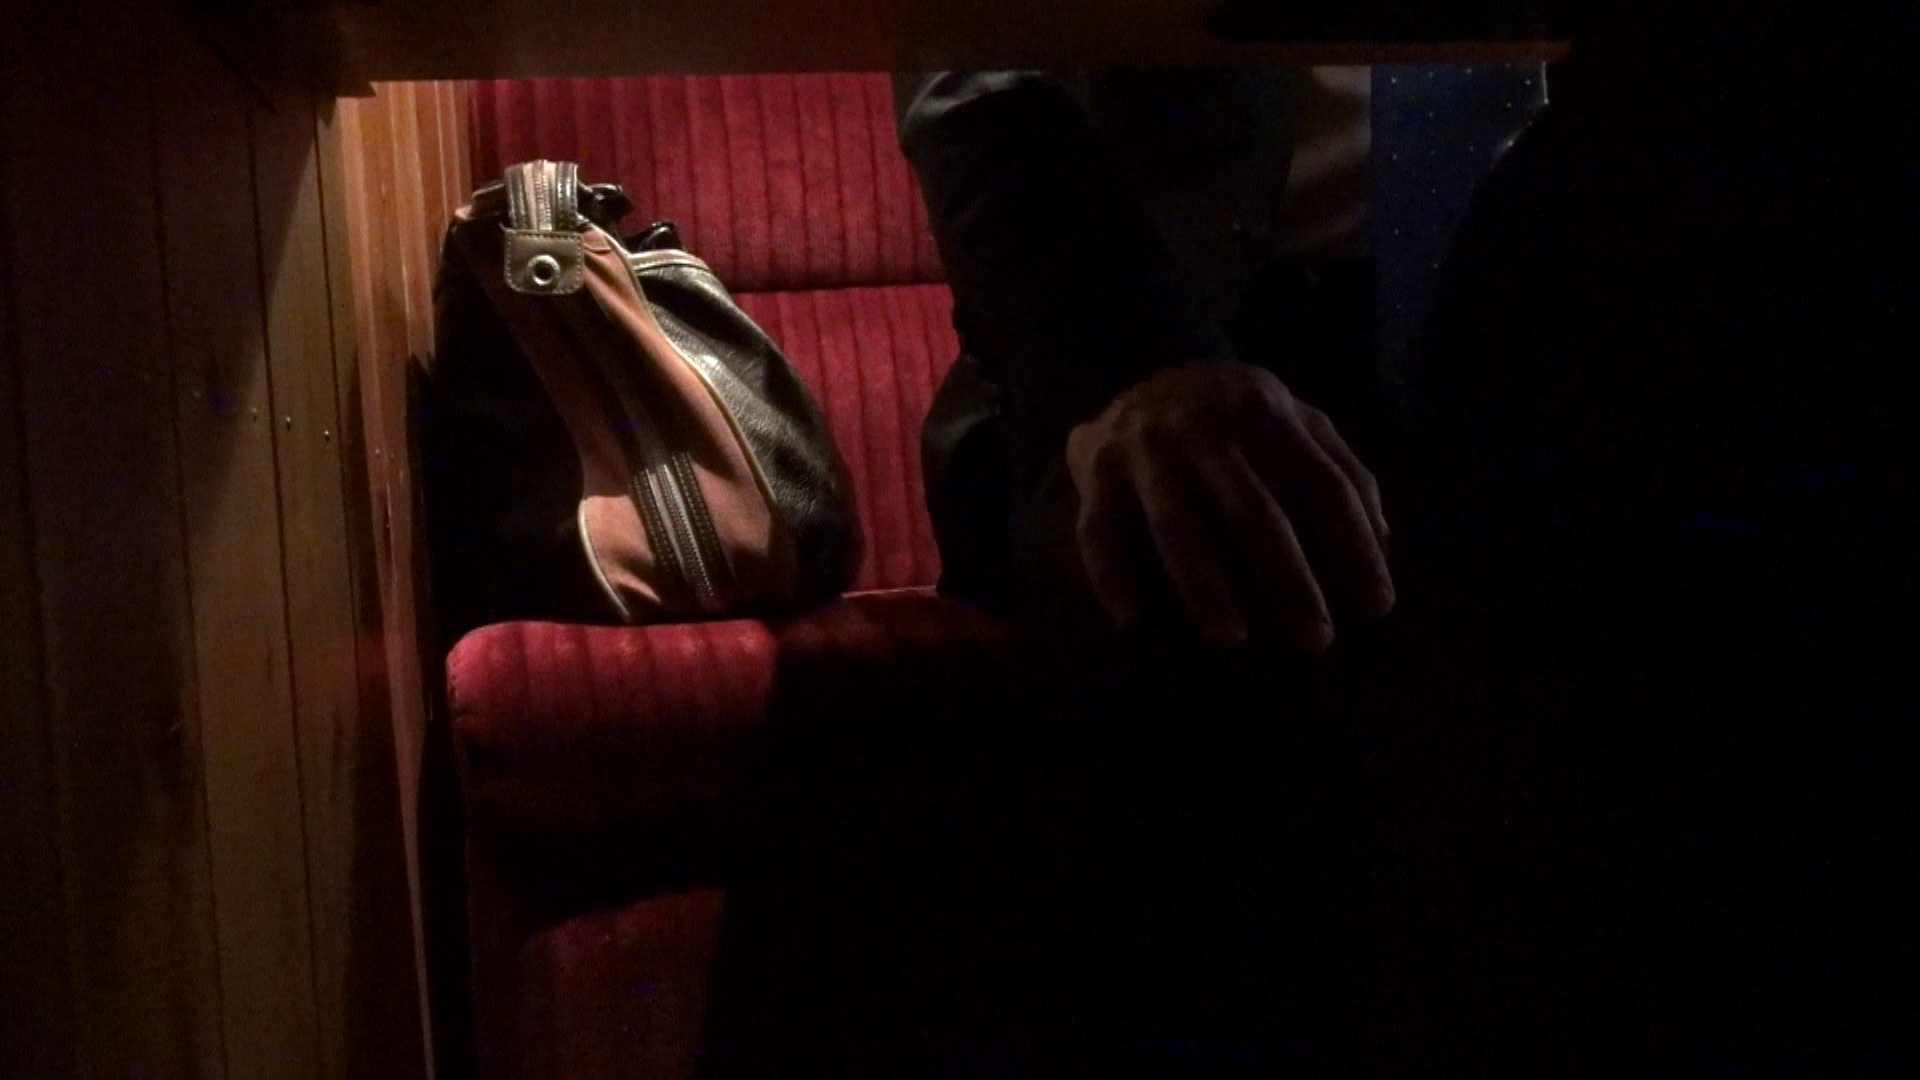 episode1 ヒロトさんと保険外交員との顔合わせ 覗きマニア | おまんこハメ撮り  13pic 1